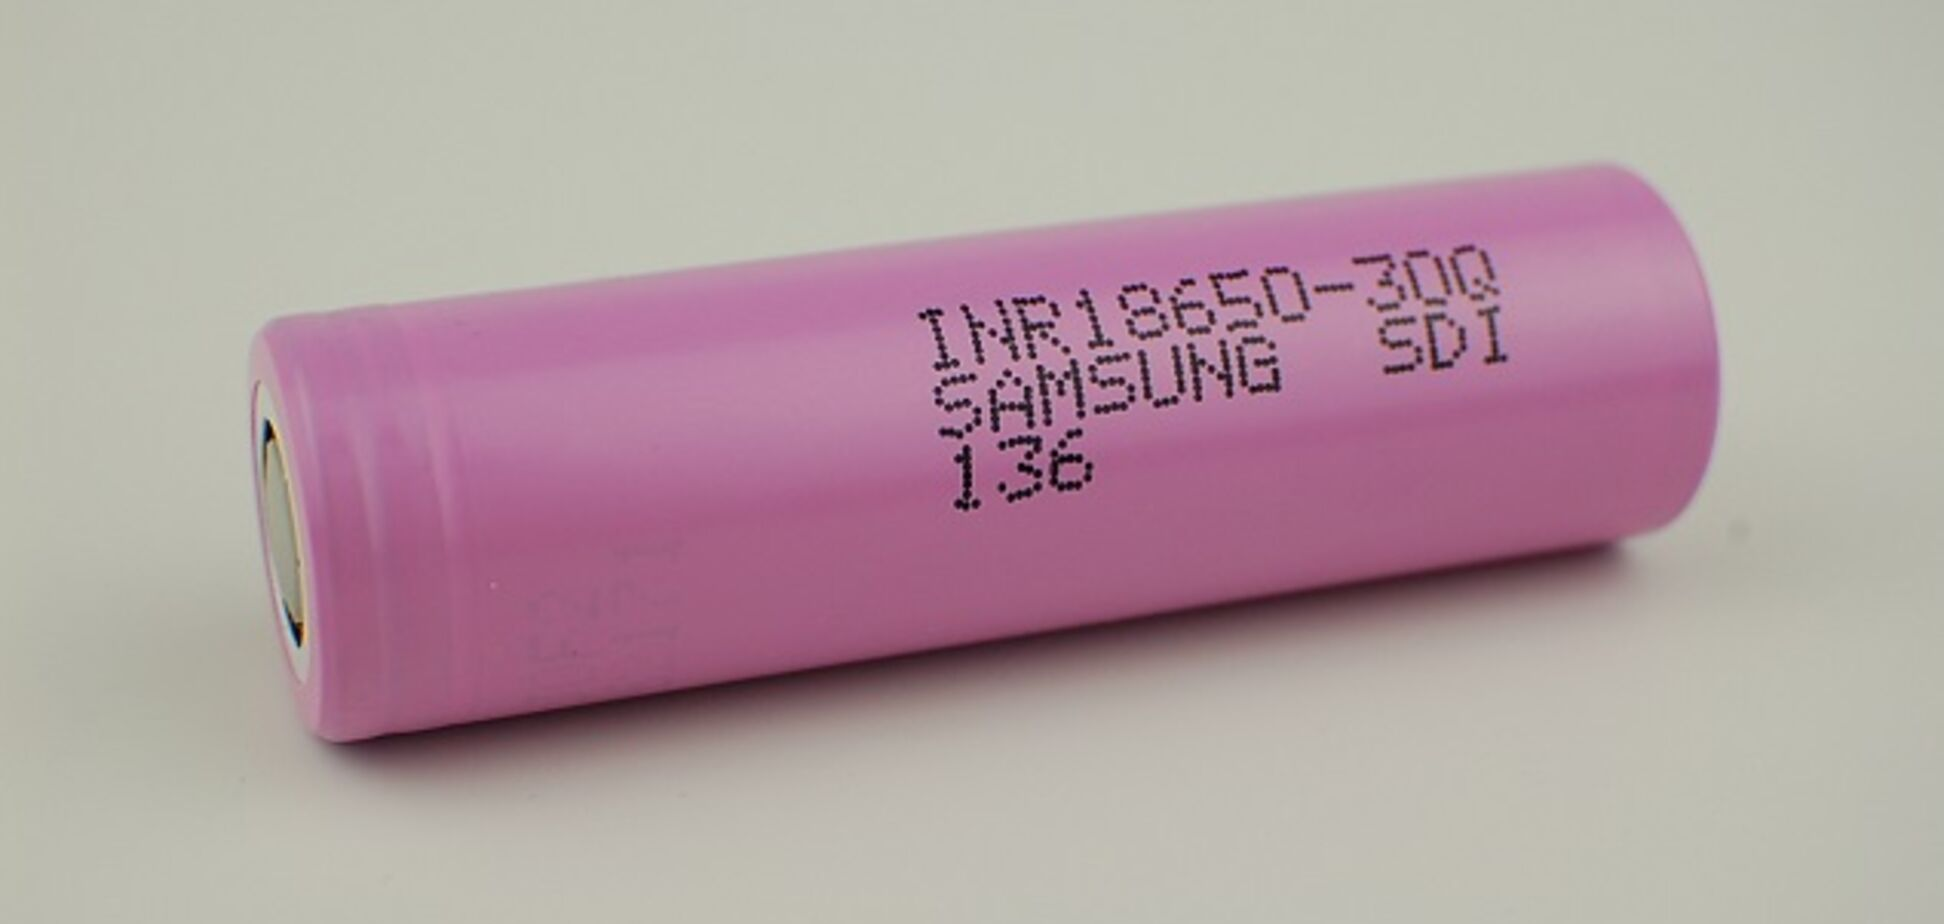 В Samsung створили акумулятор, який удвічі ефективніший за сучасні батареї